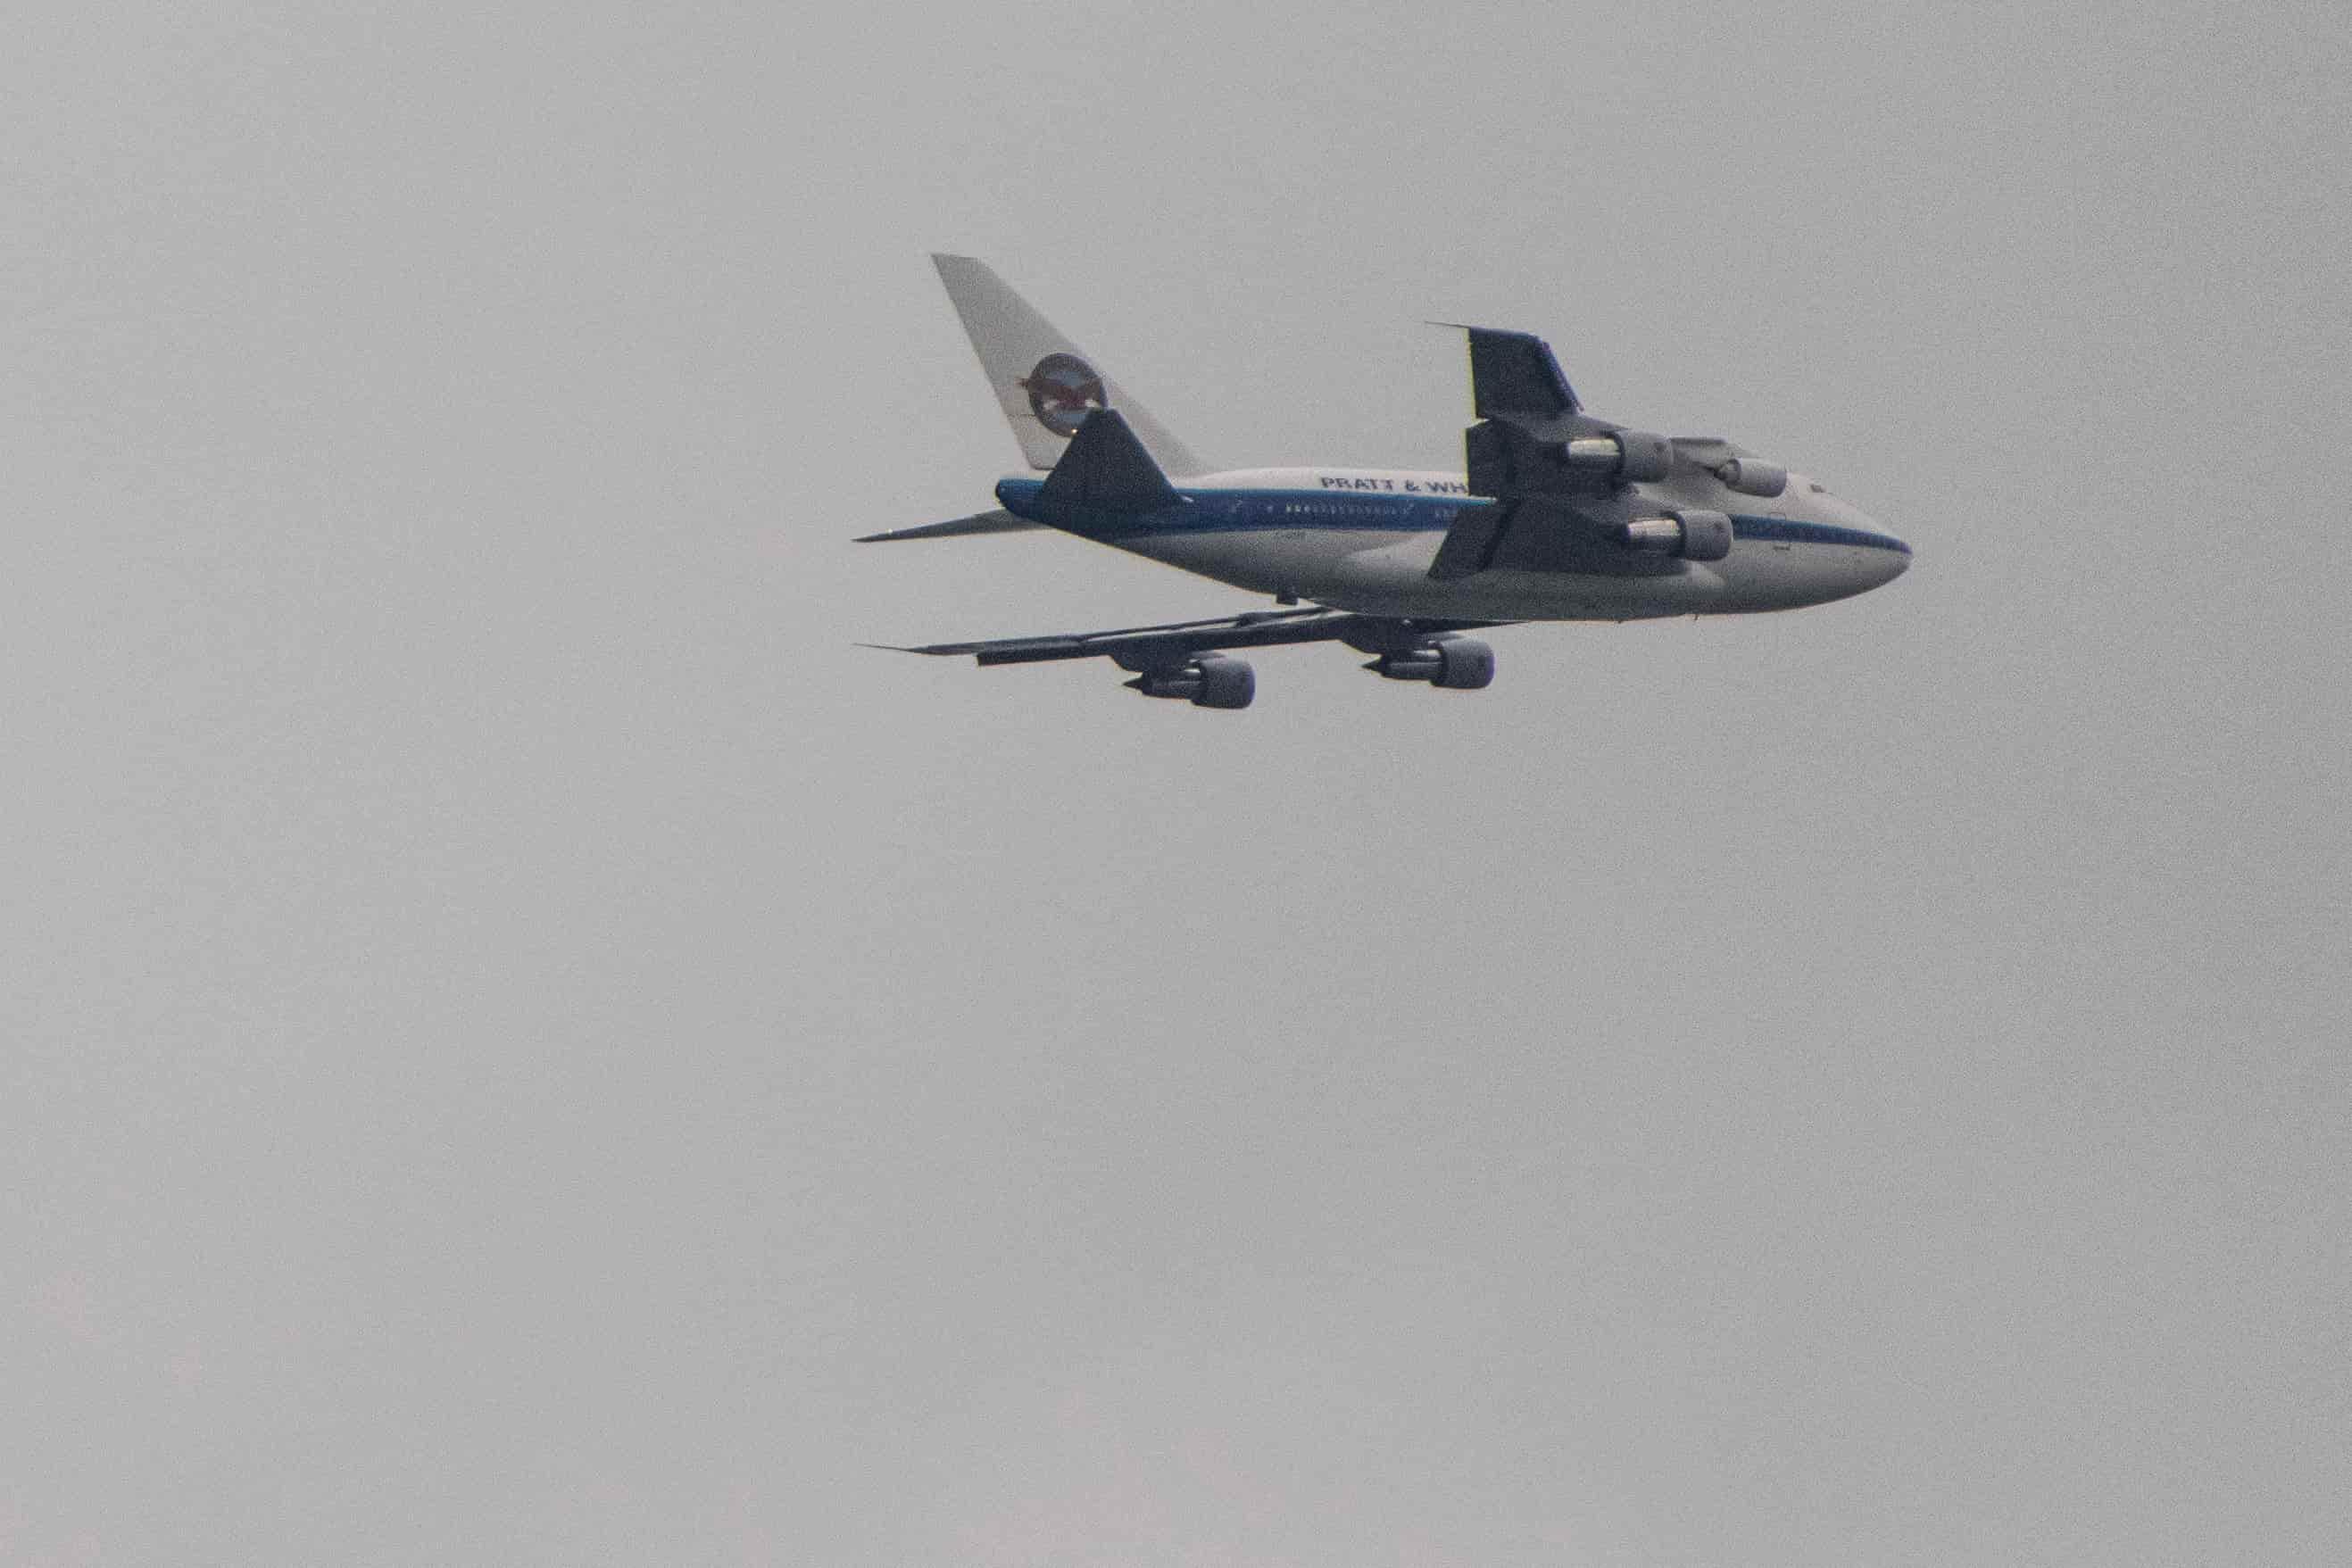 Cet avion de Pratt & Whitney est équipé d'un pylône semblable à celui qui sera produit par L3 MAS.